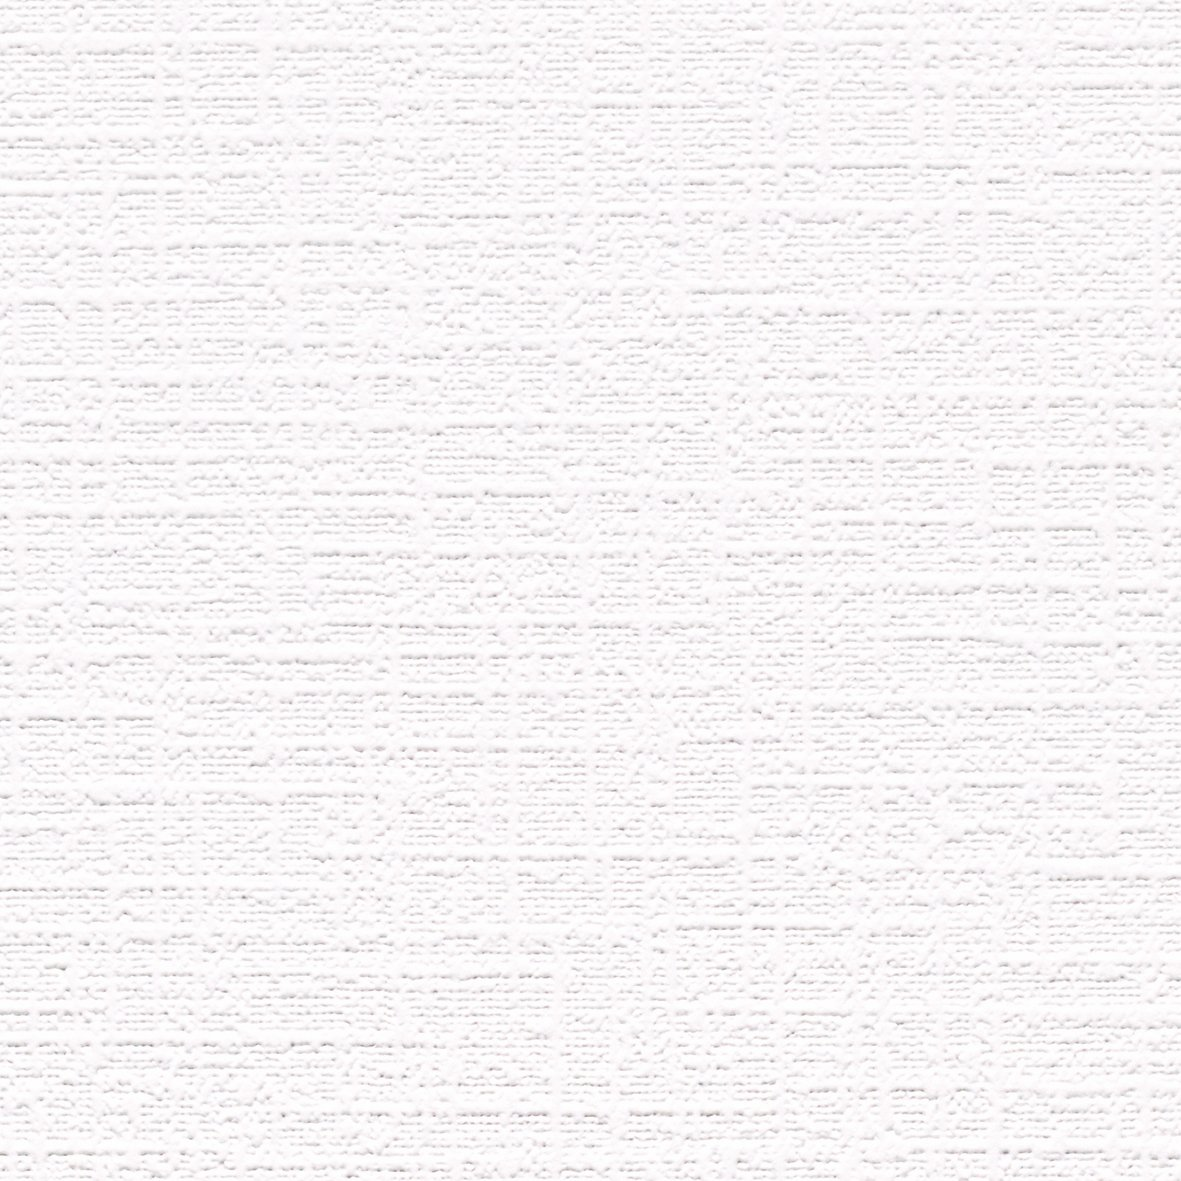 リリカラ 壁紙45m シンフル 織物調 ホワイト 織物調 LB-9025 B01IHQZLQG 45m